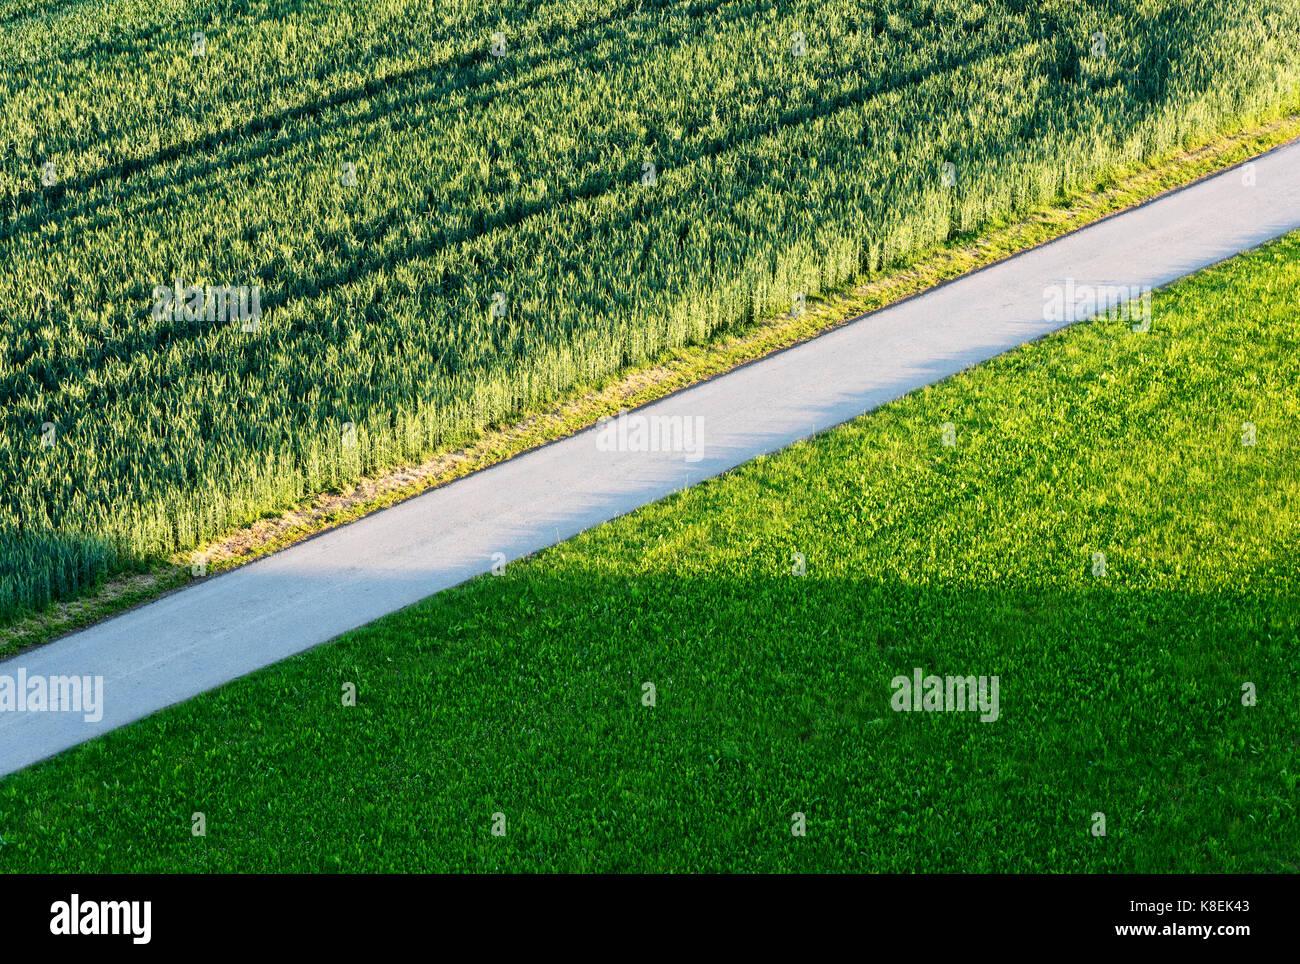 Camino a través de verdes campos agrícolas Imagen De Stock